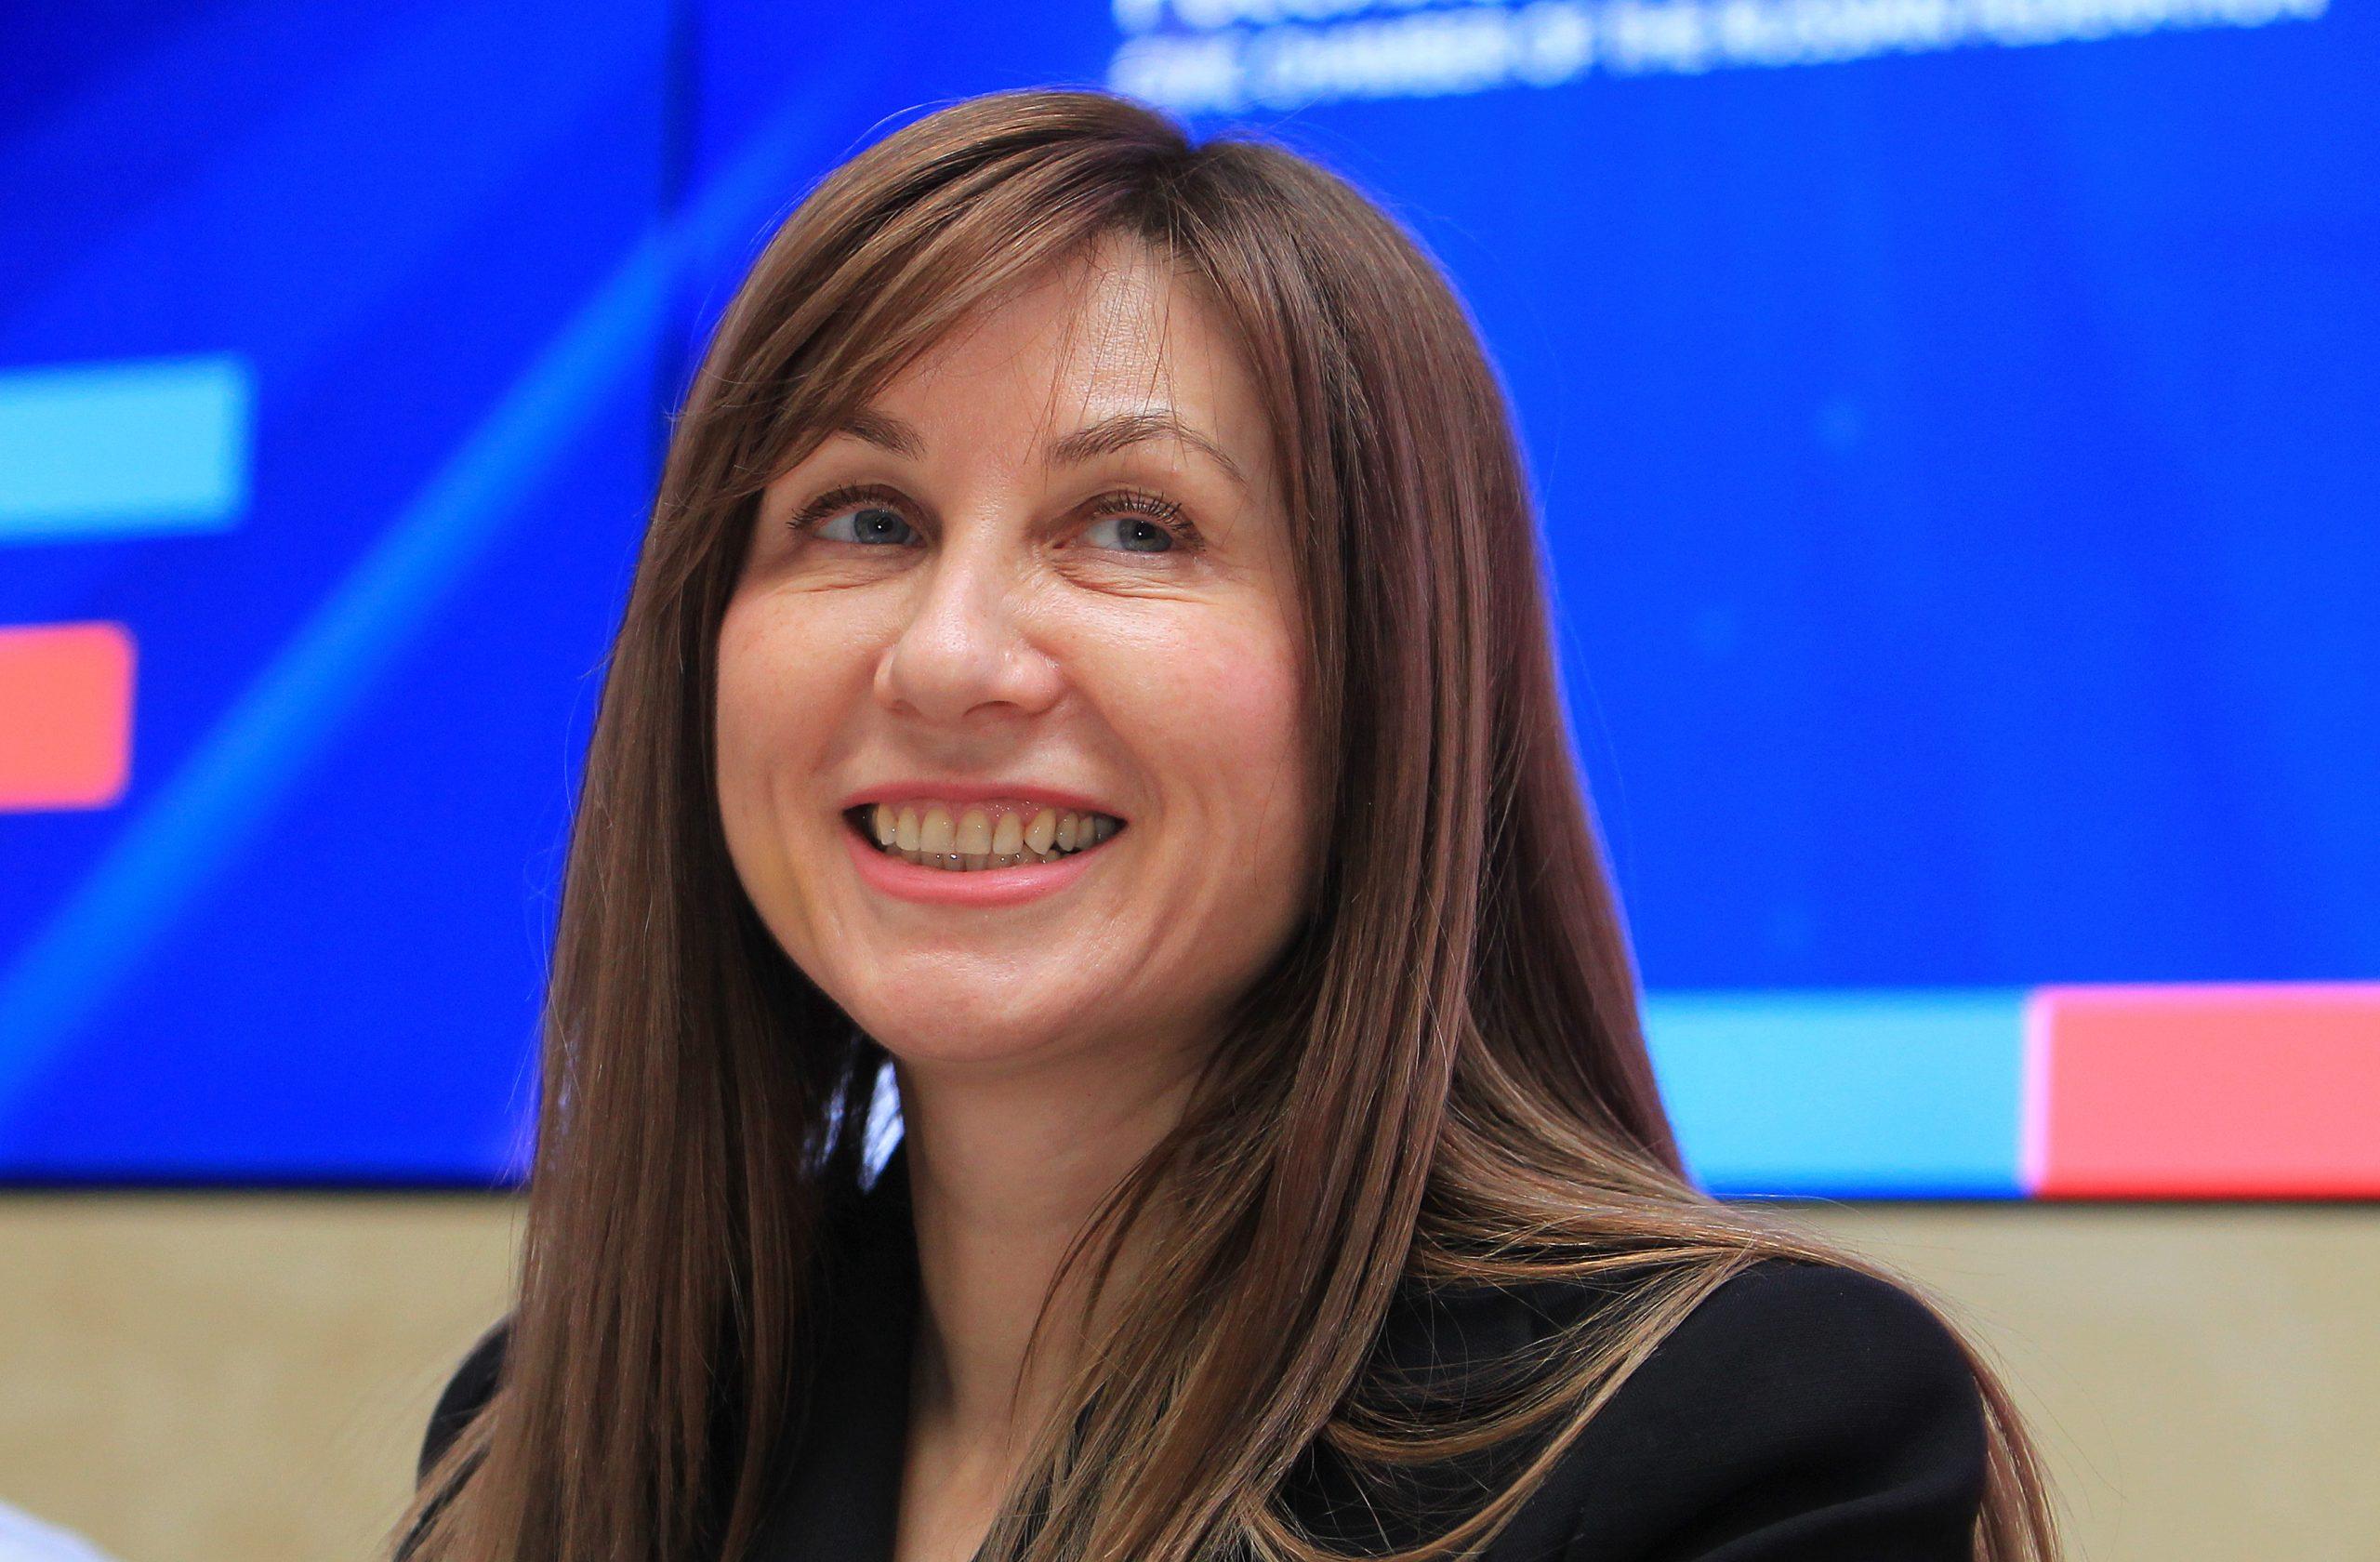 Депутат МГД Картавцева: Обследовать в рамках проекта «Здоровая Москва» будут на новейшей технике